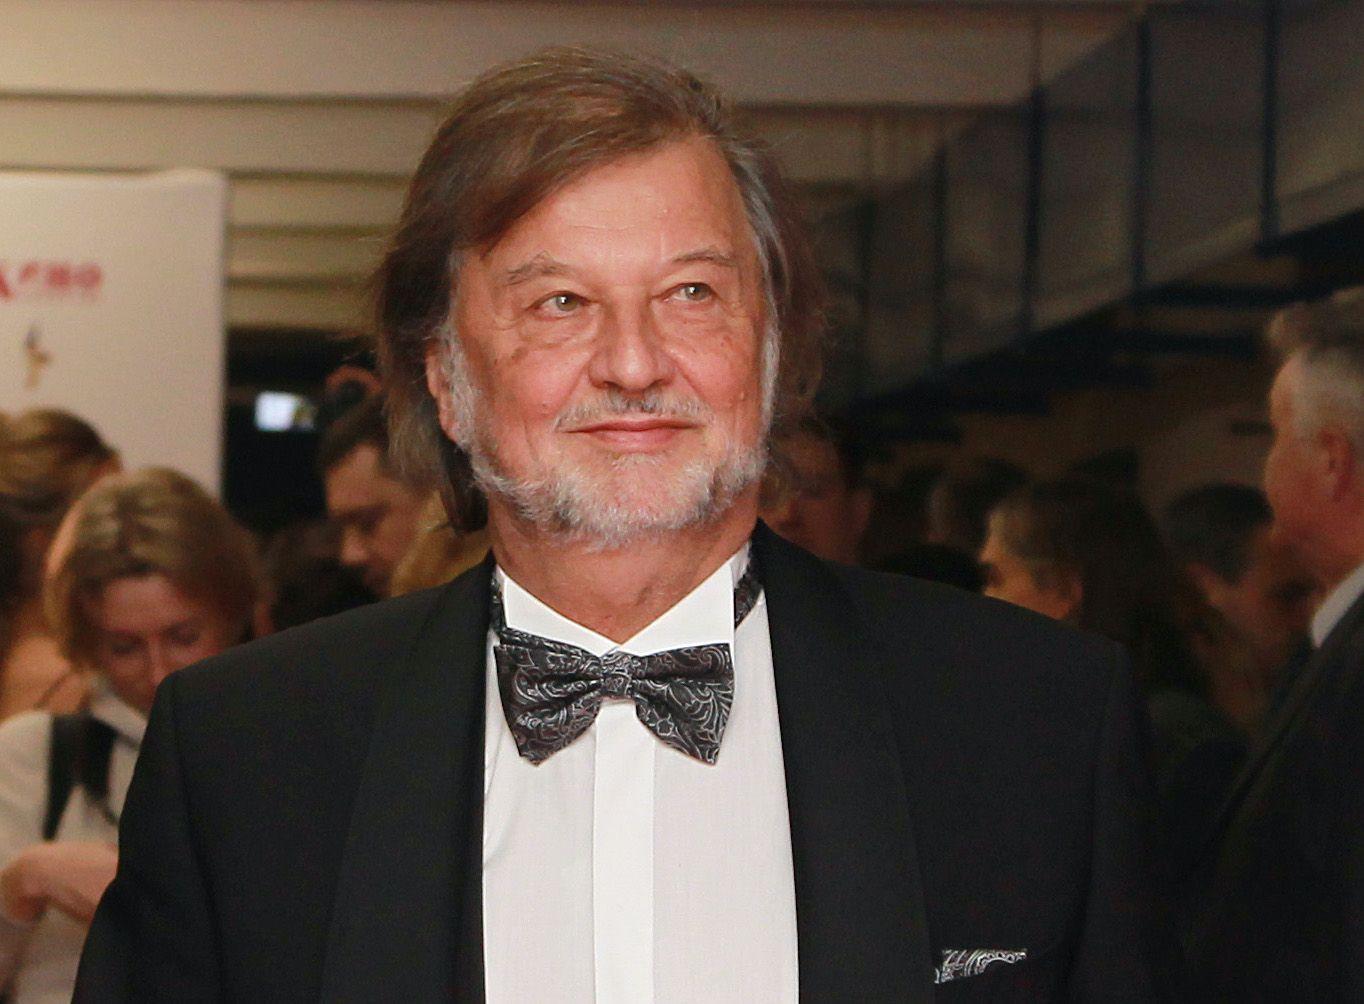 Композитор Алексей Рыбников принял участие в голосовании по поправкам к Конституции